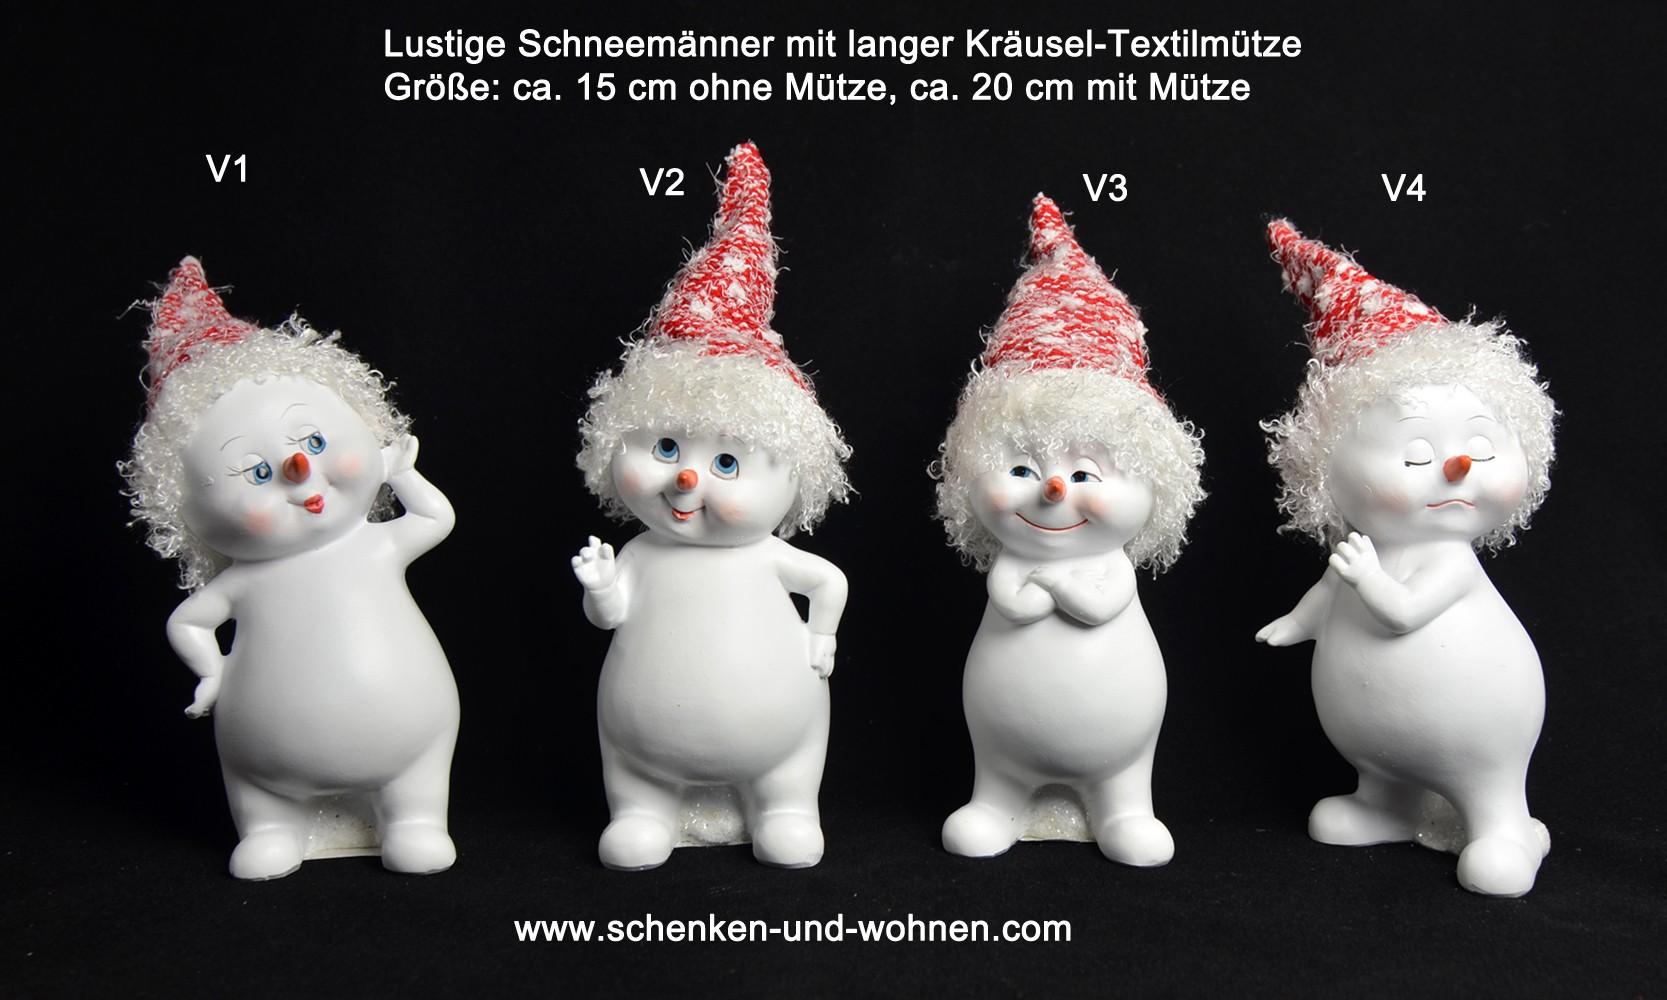 Schneemann mit langer gekräuselter Textilmütze ca. 15-20 cm V2